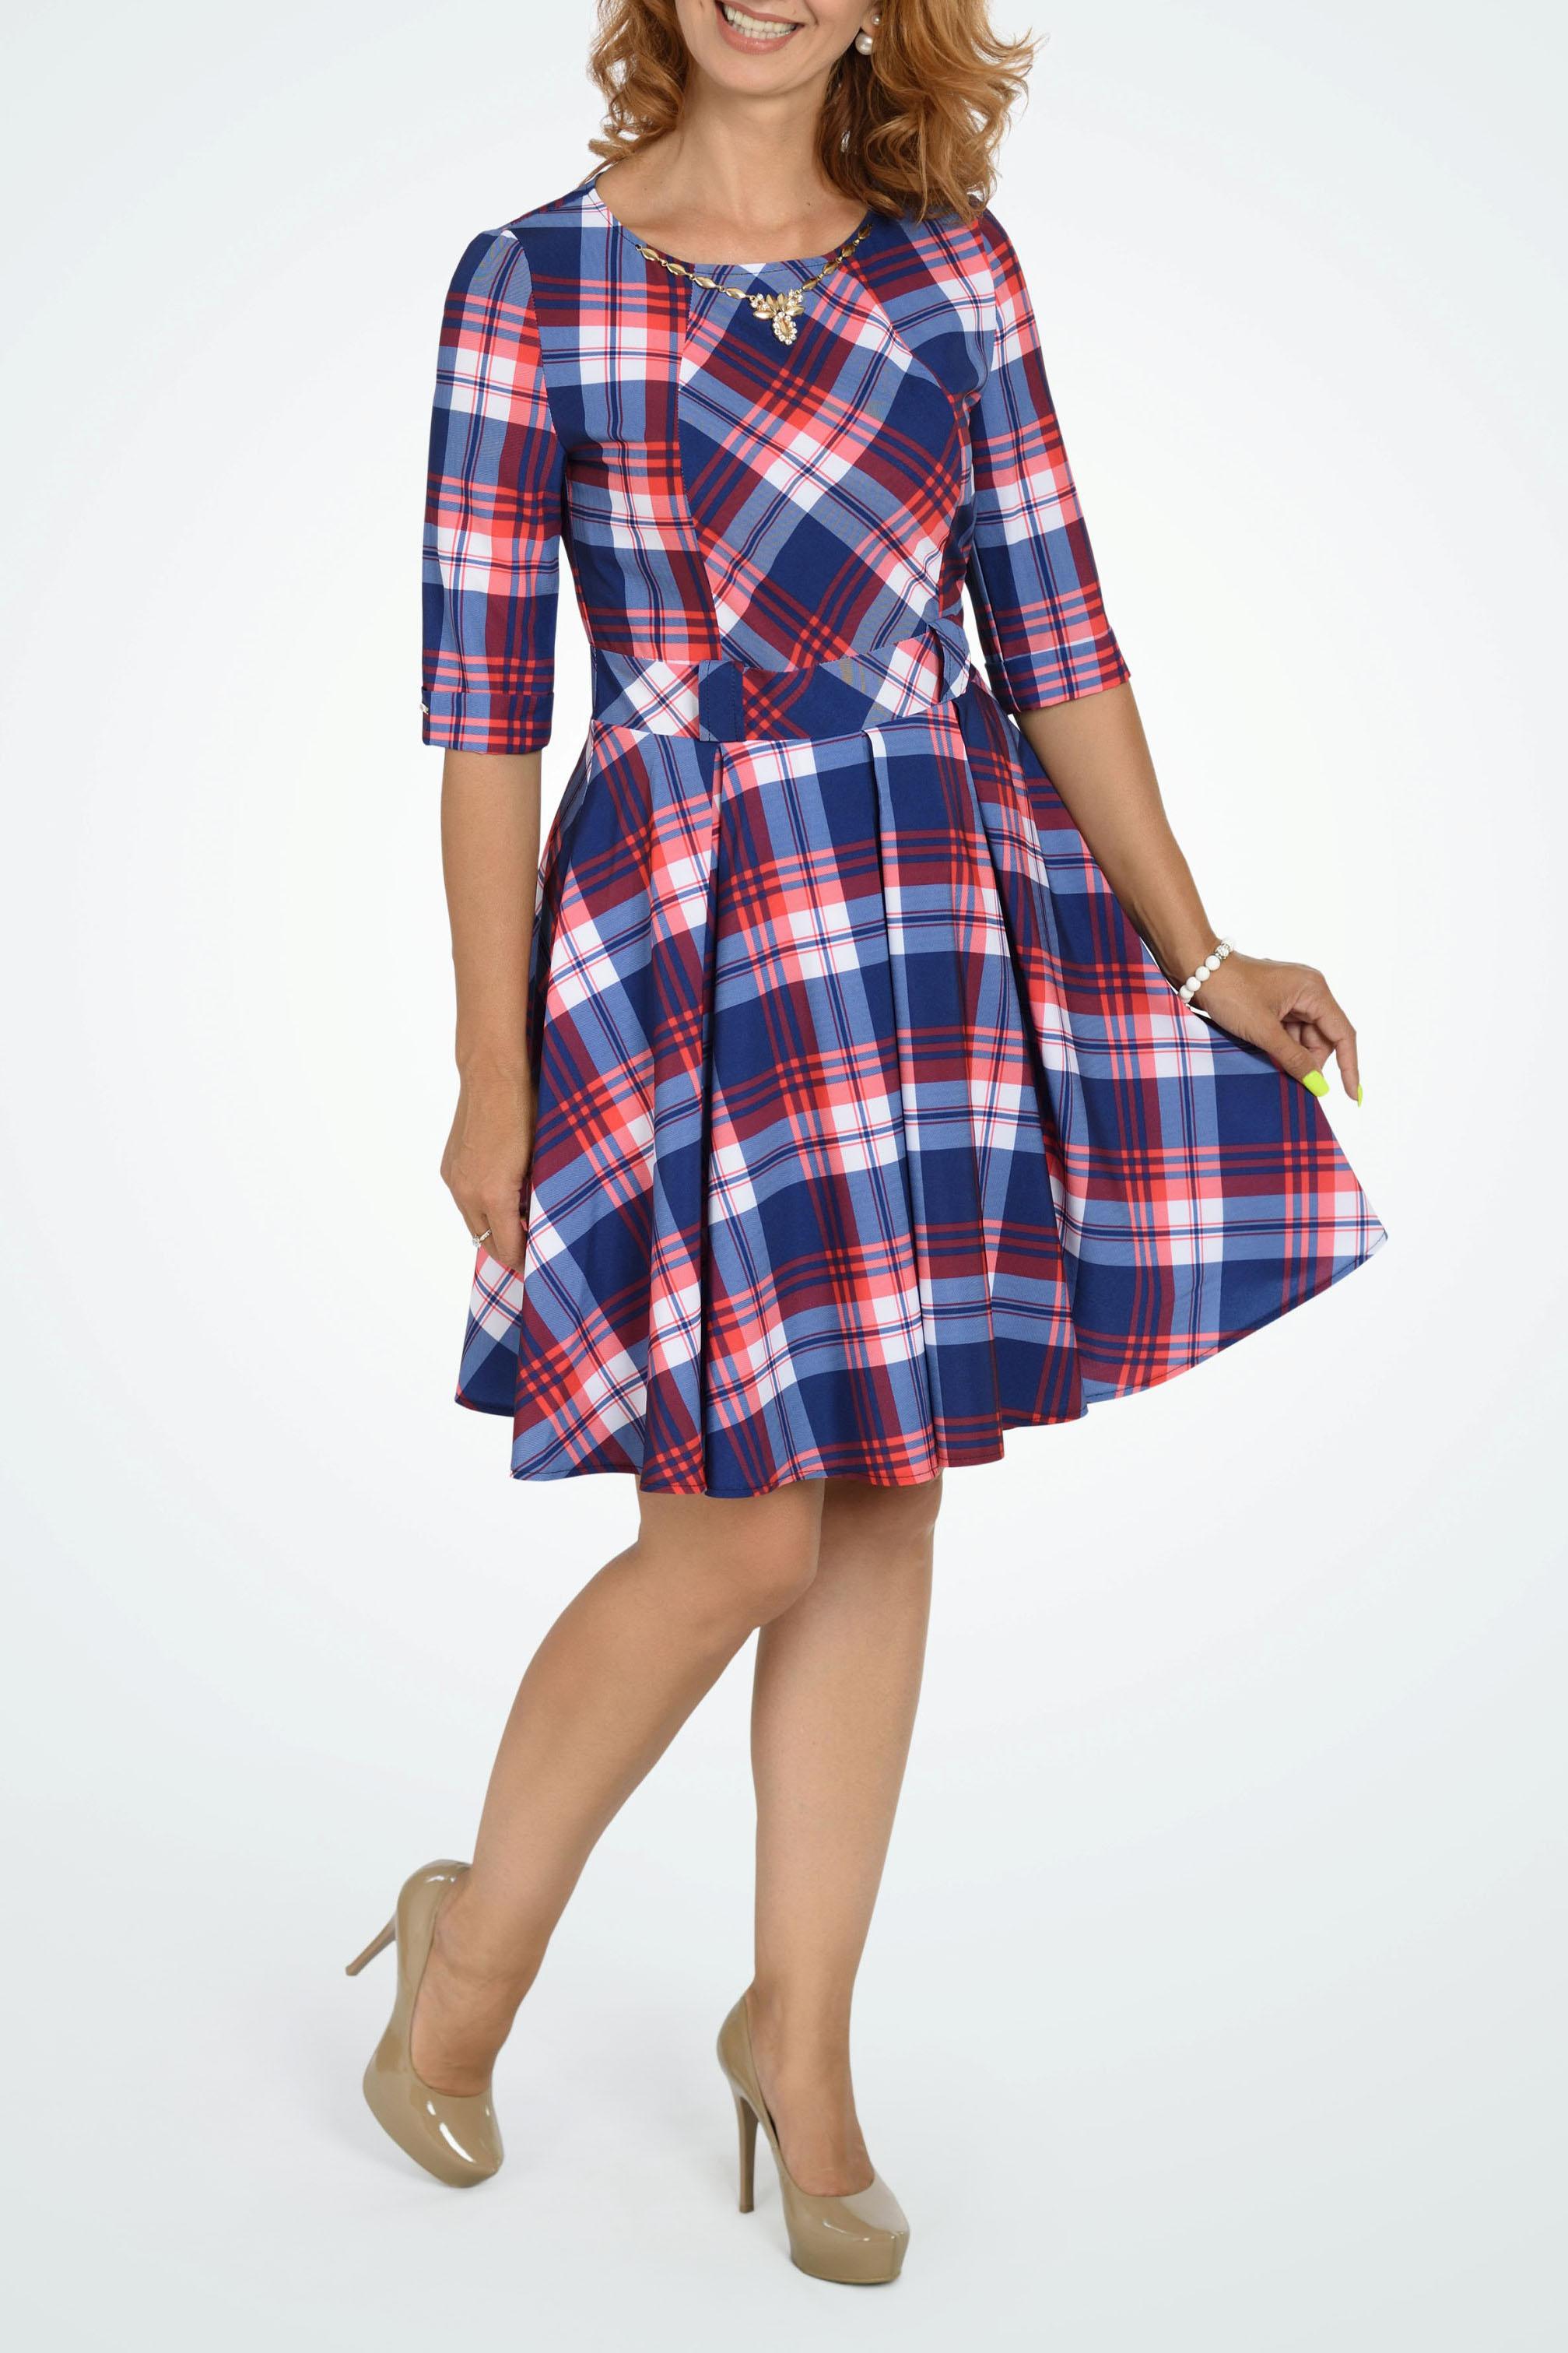 ПлатьеПлатья<br>Расклешеное платье в складку, с подъюбником, добавляющим объем и исключающий прилипание к ногам. По горловине и рукавам металлическая фурнитура. По поясу шлевки, как отделка, но при желании добавить индивидуальности, можно вдеть тонкий или широкий ремешок.  В изделии использованы цвета: синий, белый, красный  Параметры размеров: 44 размер - обхват груди 84 см., обхват талии 72 см., обхват бедер 97 см. 46 размер - обхват груди 92 см., обхват талии 76 см., обхват бедер 100 см. 48 размер - обхват груди 96 см., обхват талии 80 см., обхват бедер 103 см. 50 размер - обхват груди 100 см., обхват талии 84 см., обхват бедер 106 см. 52 размер - обхват груди 104 см., обхват талии 88 см., обхват бедер 109 см. 54 размер - обхват груди 110 см., обхват талии 94,5 см., обхват бедер 114 см. 56 размер - обхват груди 116 см., обхват талии 101 см., обхват бедер 119 см. 58 размер - обхват груди 122 см., обхват талии 107,5 см., обхват бедер 124 см. 60 размер - обхват груди 128 см., обхват талии 114 см., обхват бедер 129 см.  Ростовка изделия 168 см.<br><br>Горловина: С- горловина<br>По длине: До колена<br>По материалу: Тканевые<br>По рисунку: С принтом,Цветные,В клетку<br>По силуэту: Приталенные<br>По стилю: Повседневный стиль<br>По форме: Платье - трапеция<br>По элементам: С декором,С отделочной фурнитурой<br>Рукав: Рукав три четверти<br>По сезону: Осень,Весна,Зима<br>Размер : 44,50<br>Материал: Плательная ткань<br>Количество в наличии: 2